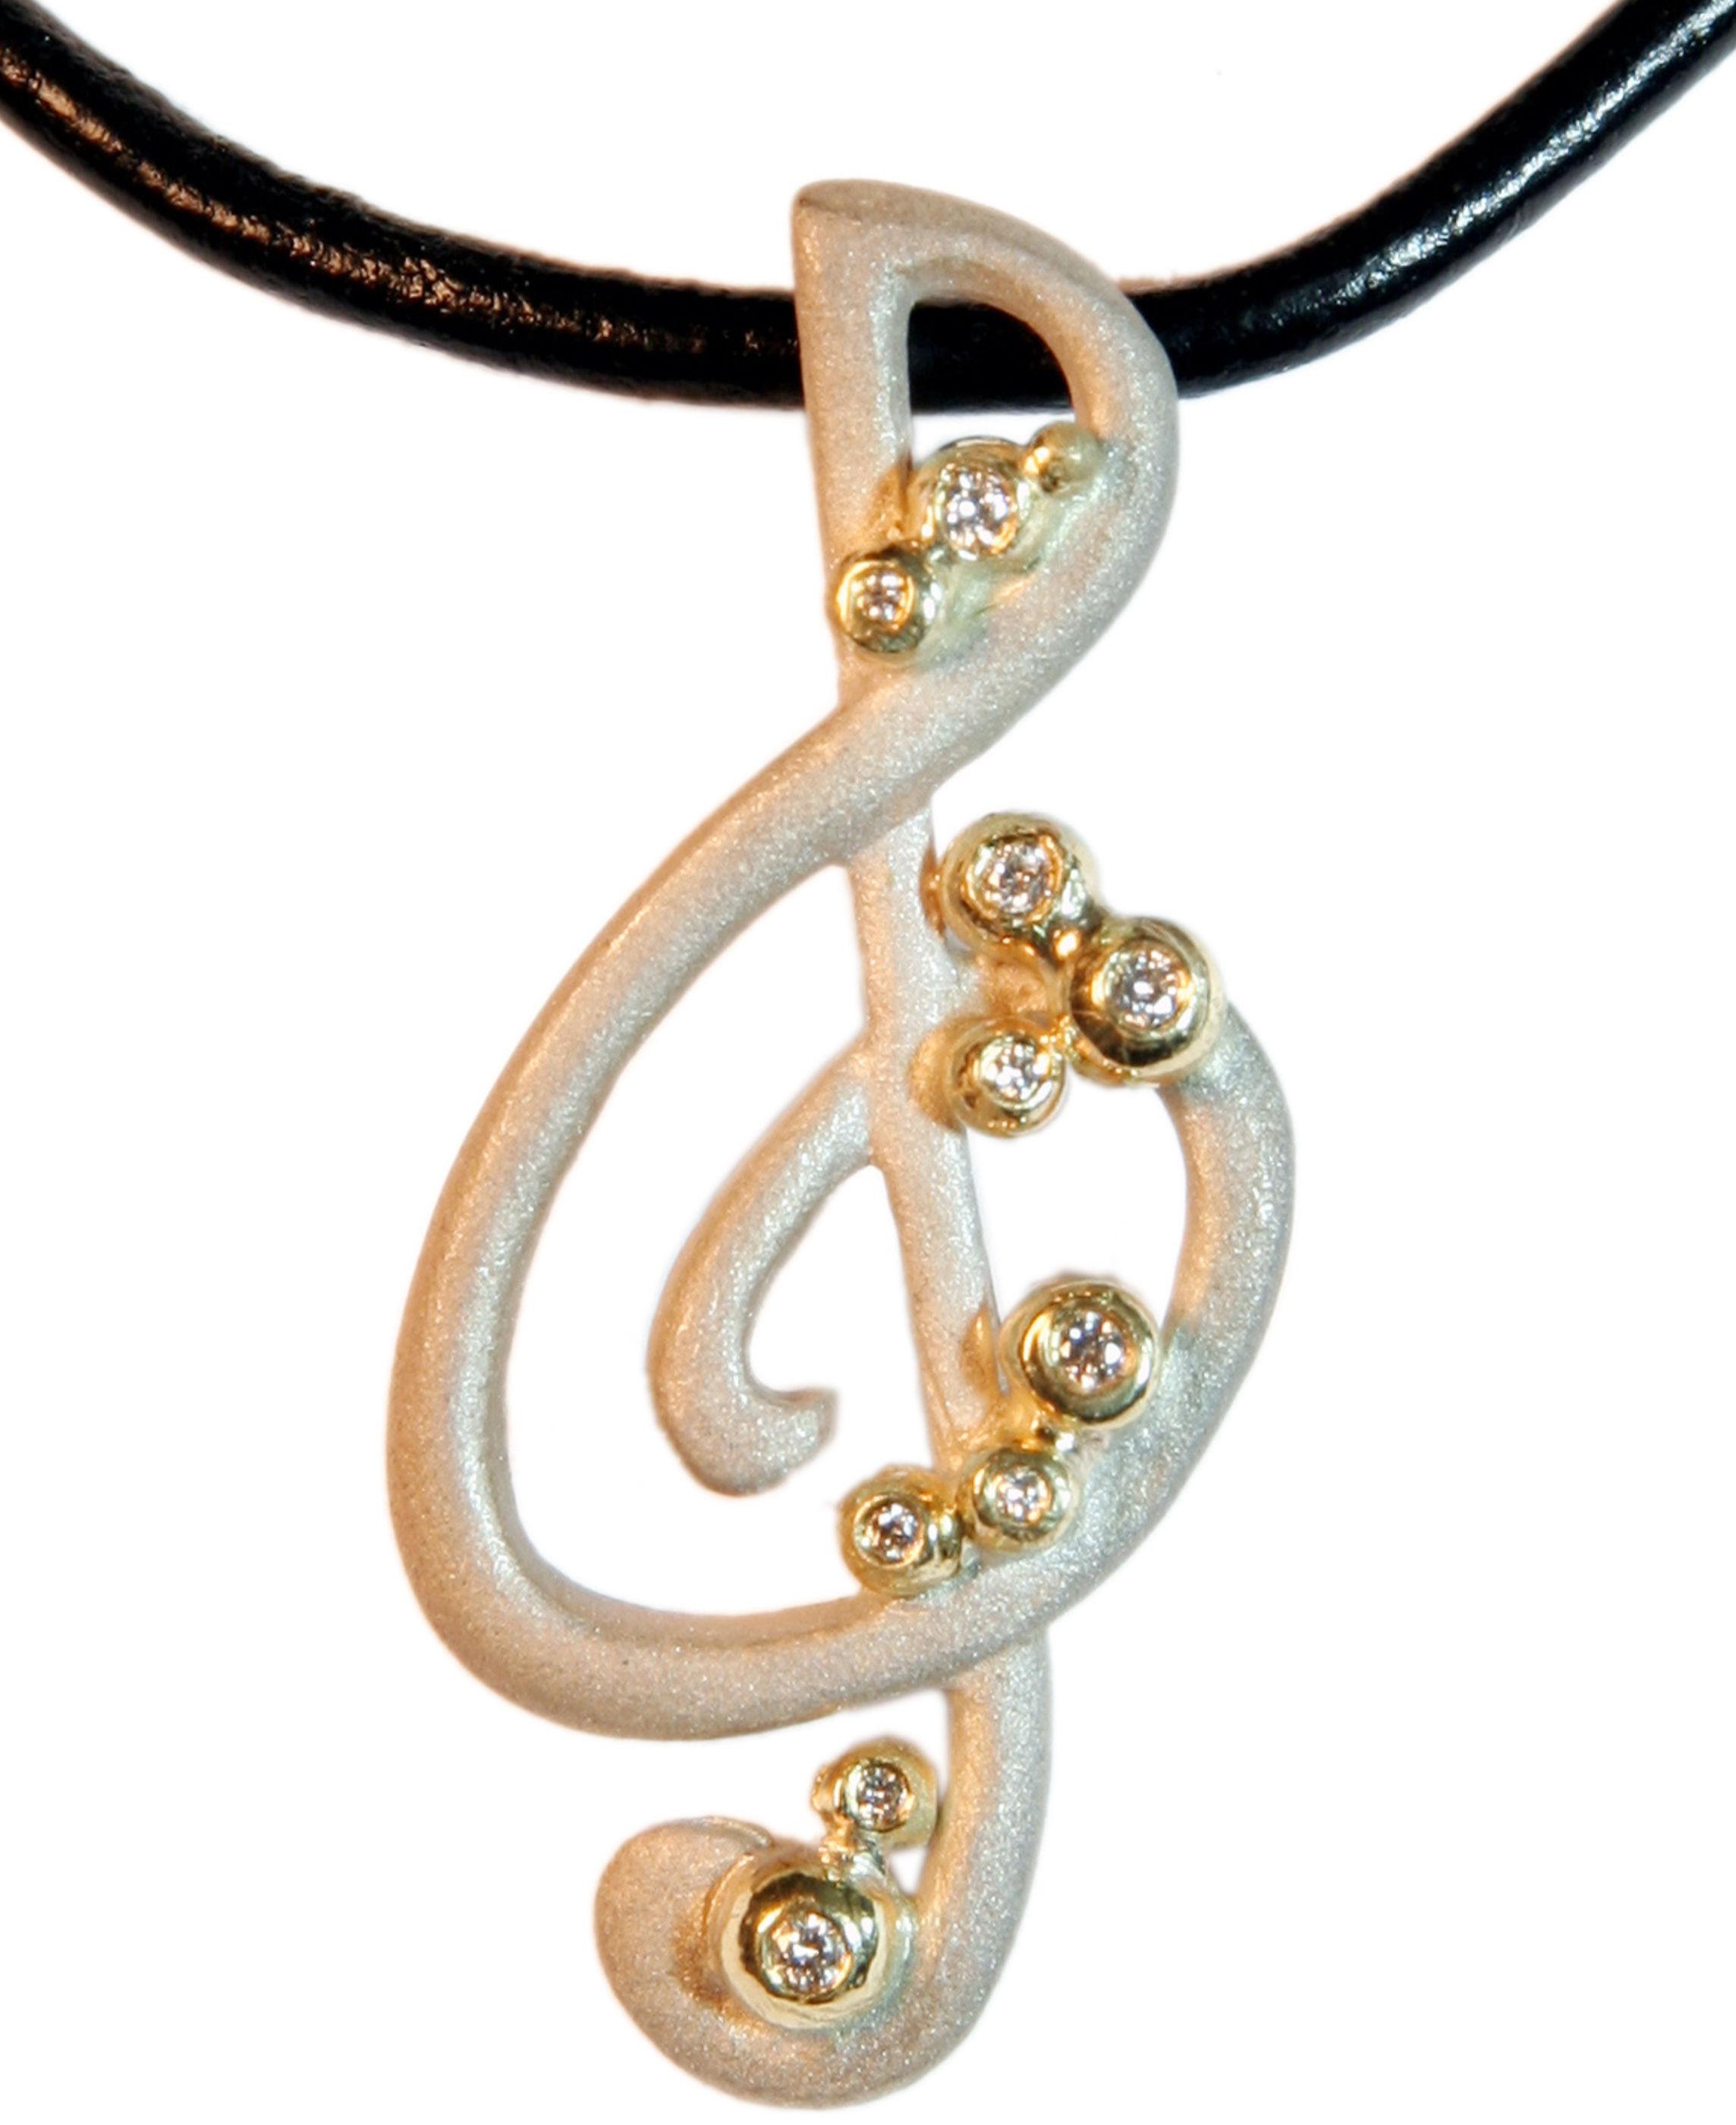 Treble Clef Pendant: Jane Gordon Jewelry